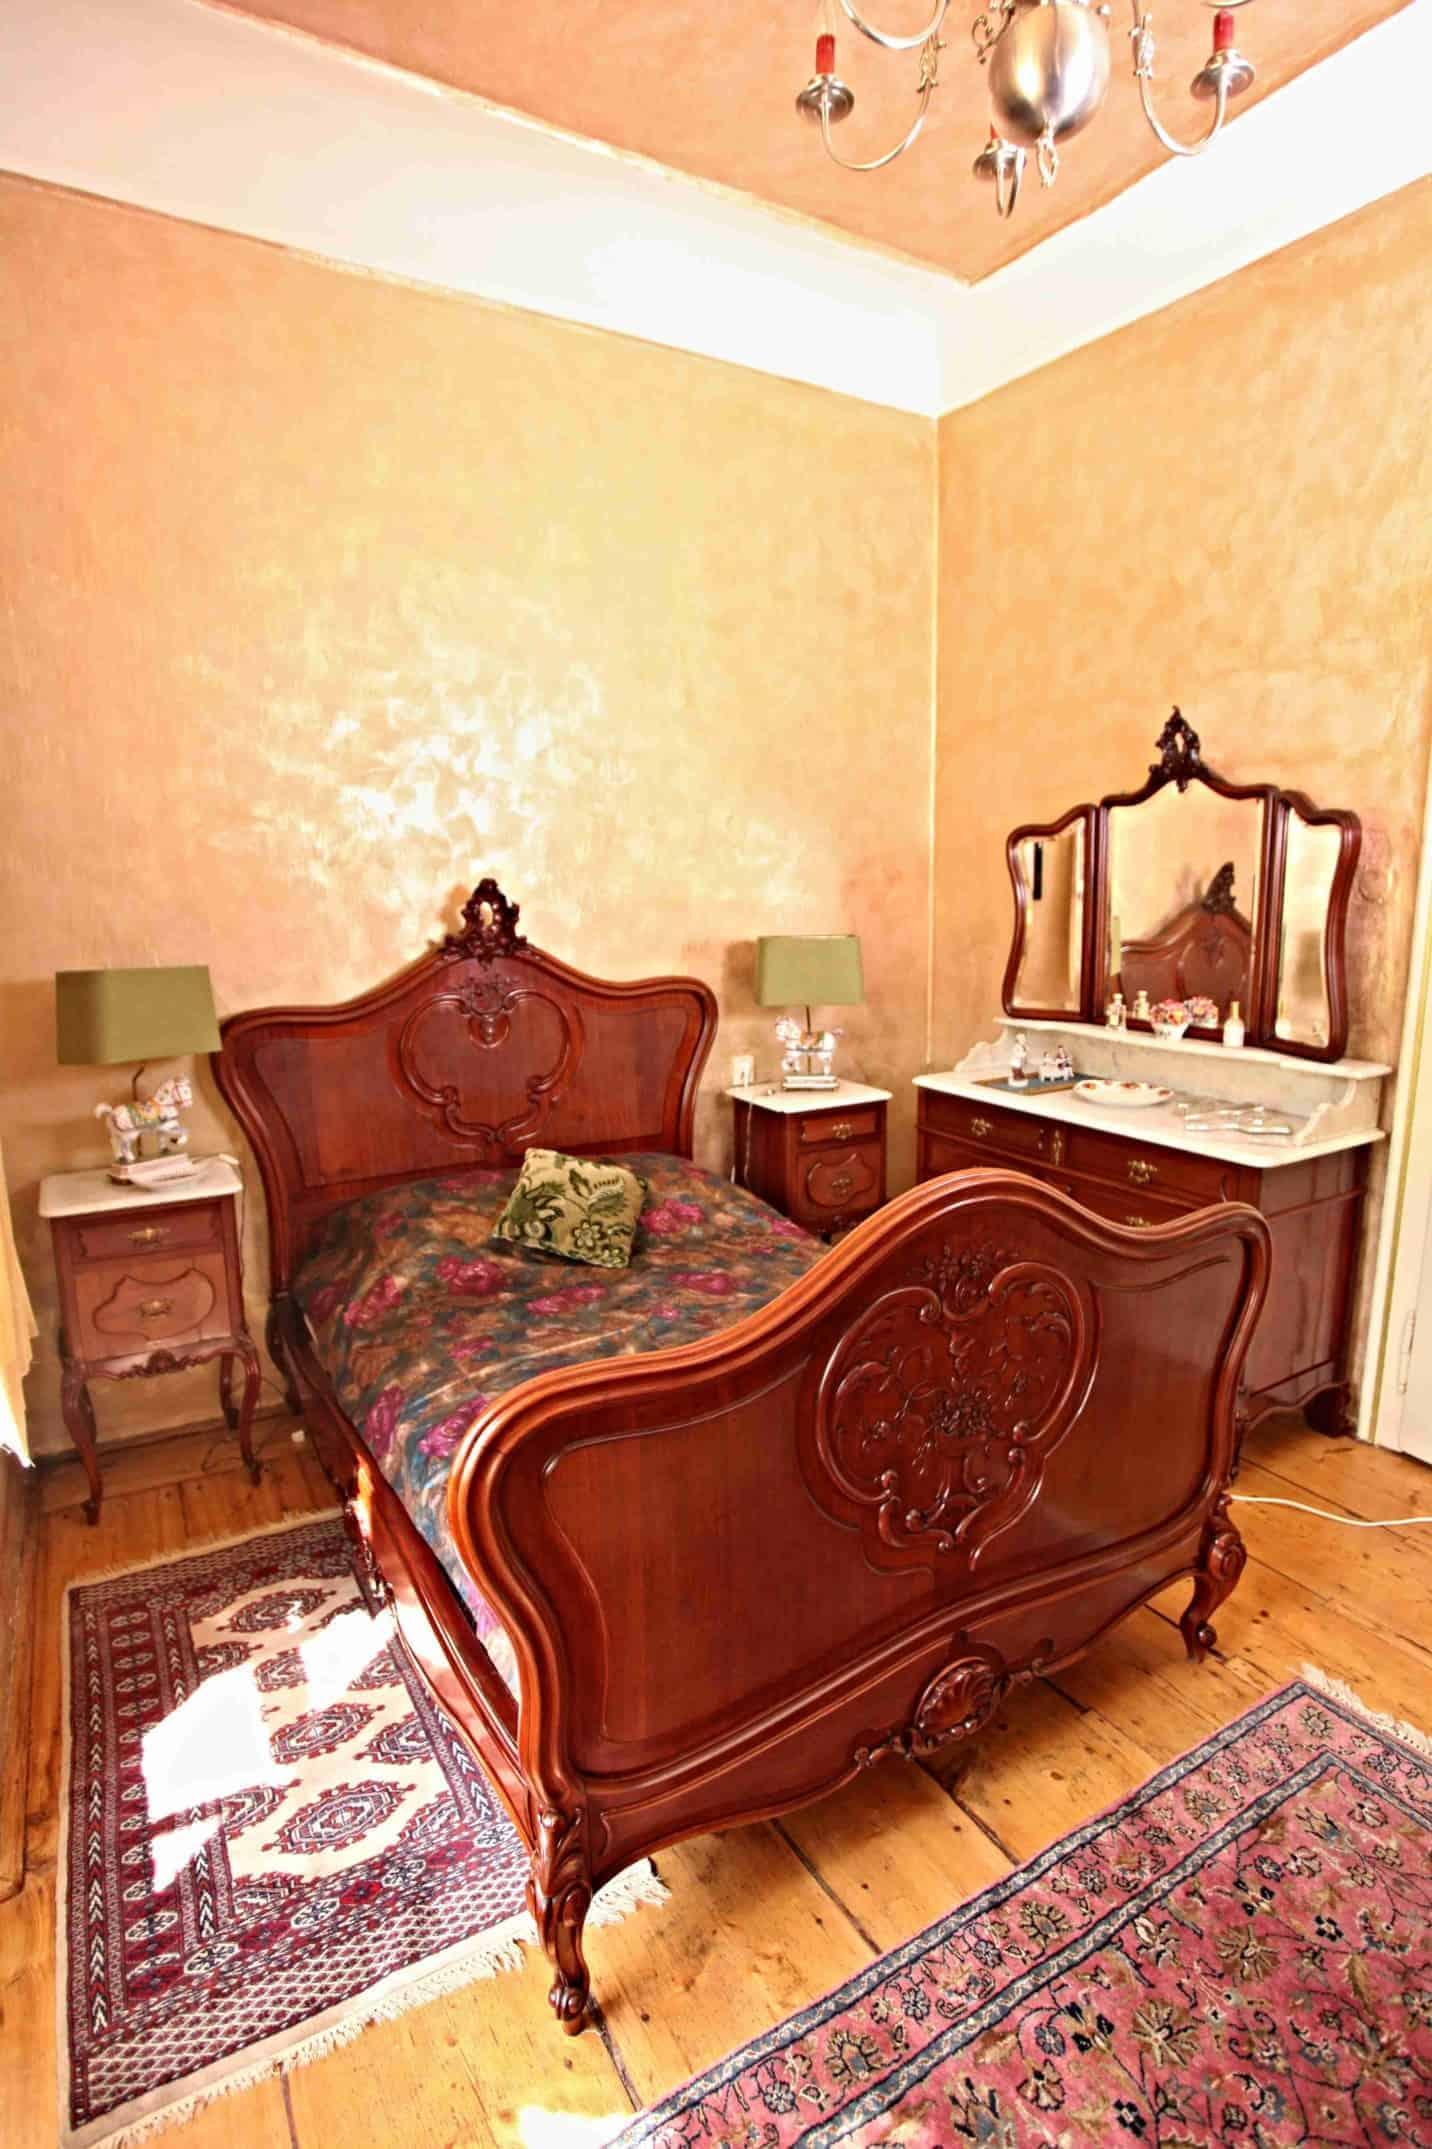 Reichlich Schloss Schlafzimmer geschnitzt. Mahagoni. Mramor ...